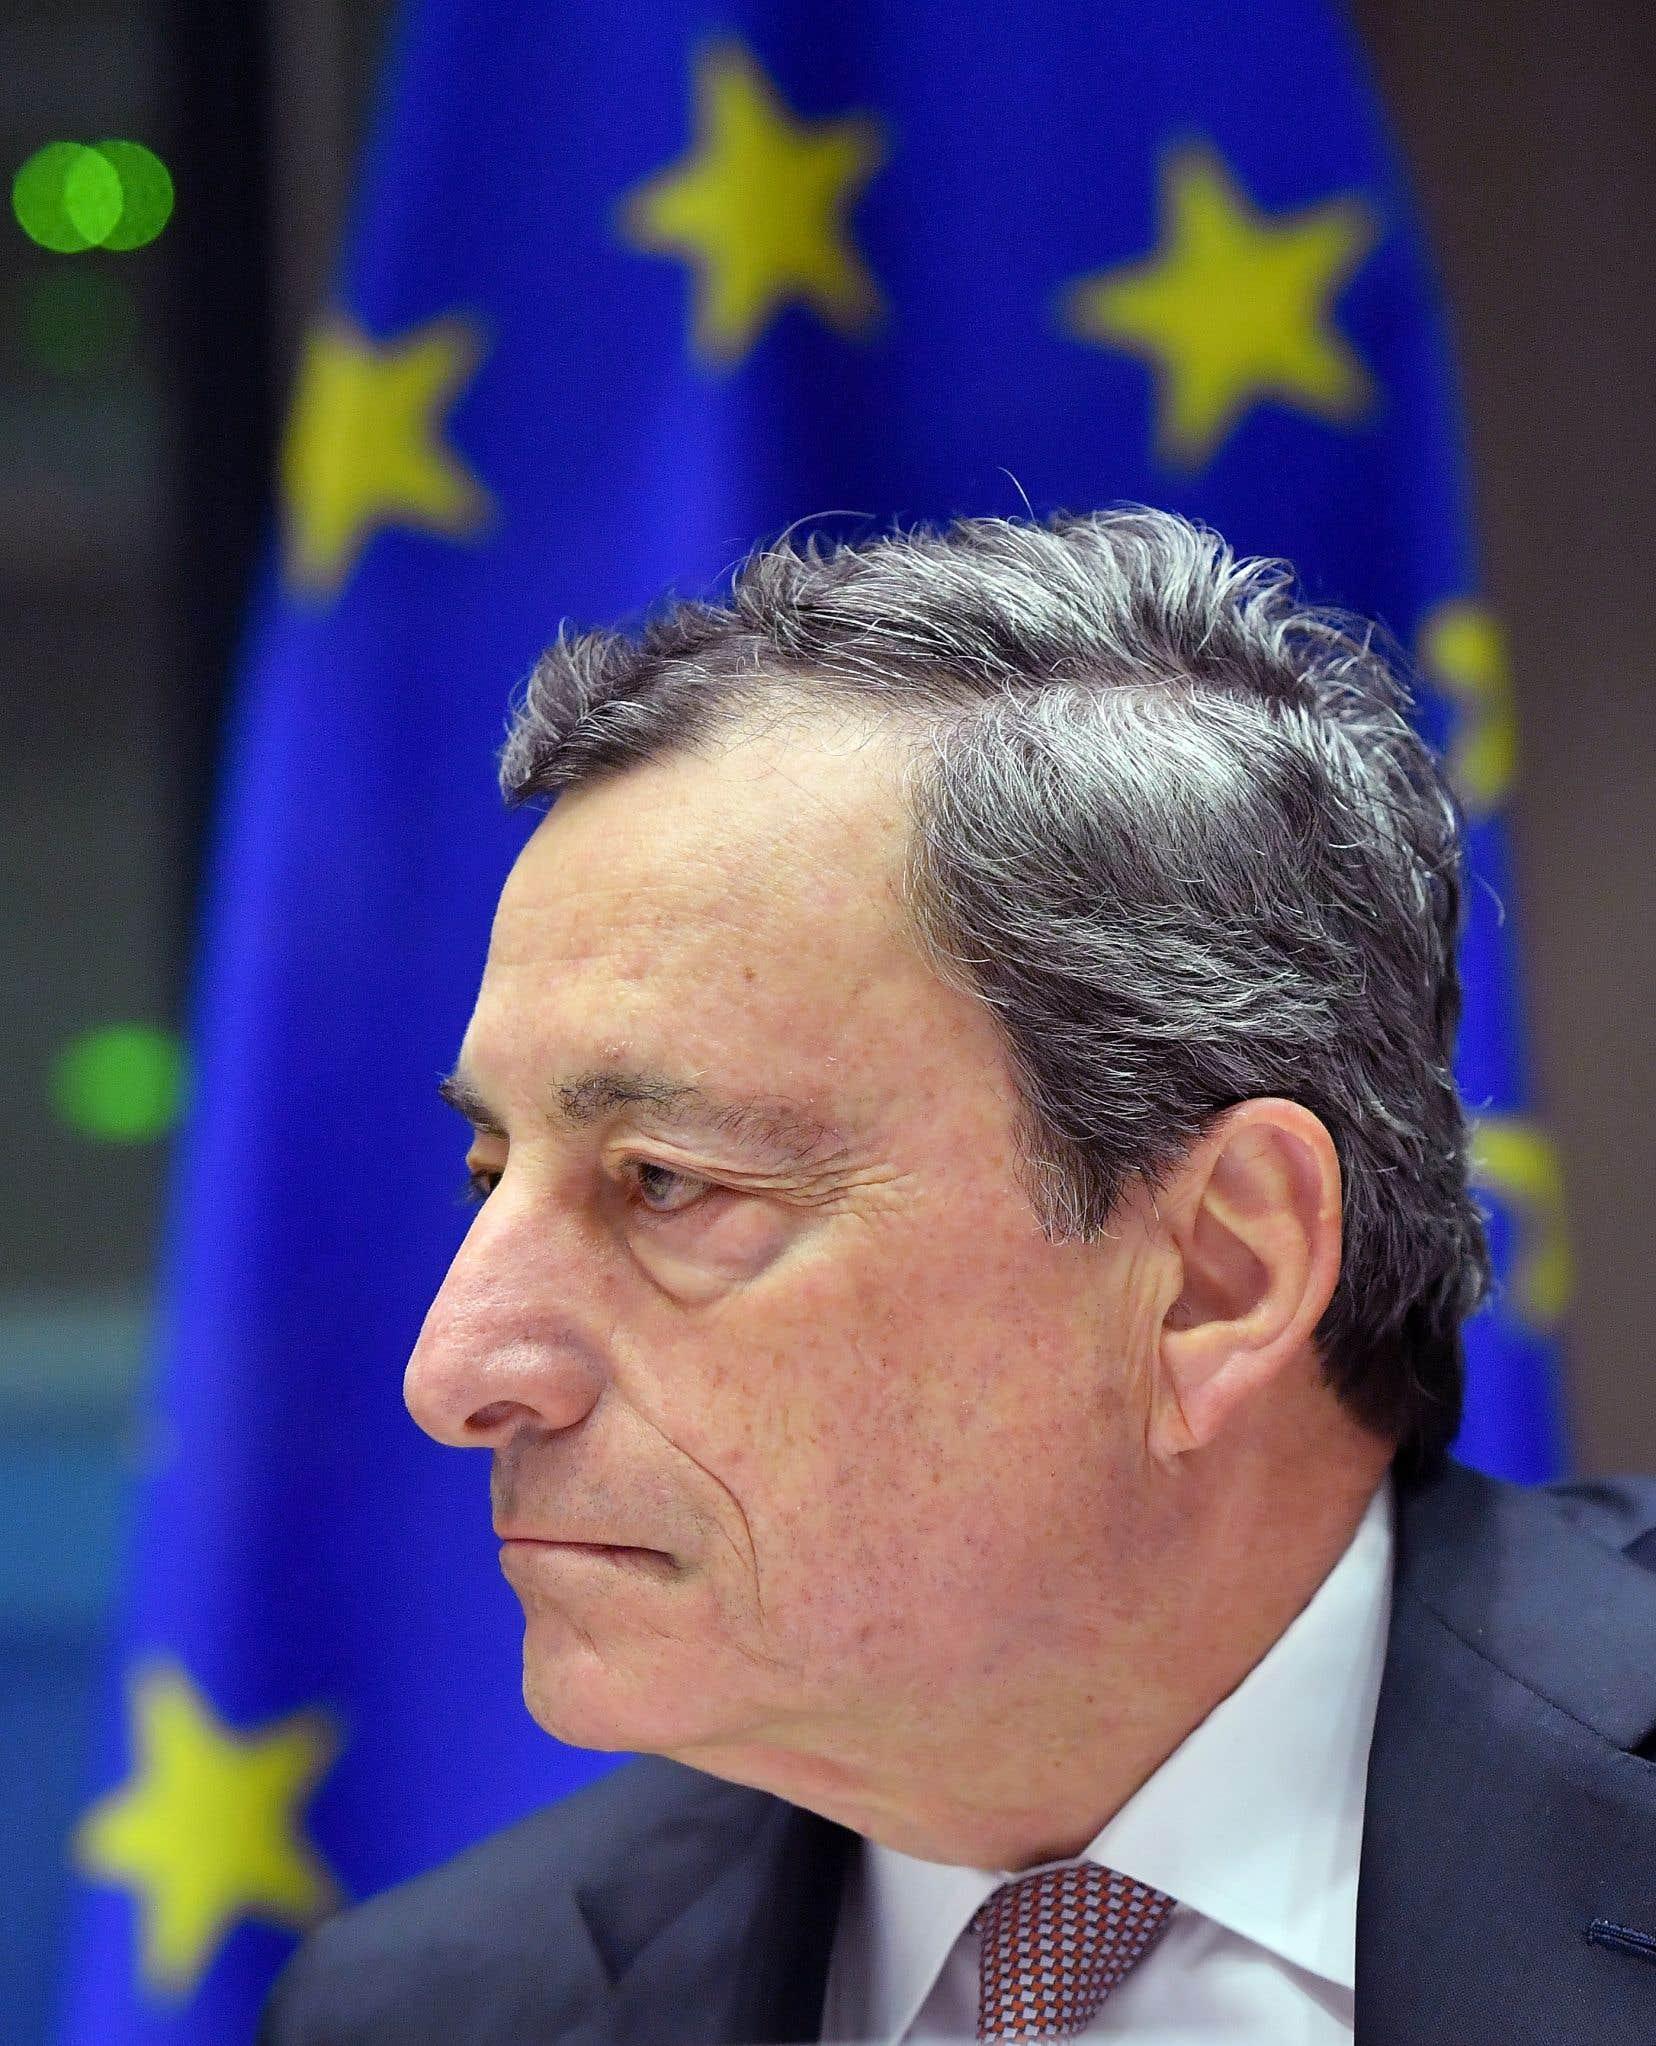 «Quand vous êtes dans le noir, vous faites de petits pas. Vous ne courez pas, mais vous bougez», a commenté le président de l'institution, Mario Draghi.